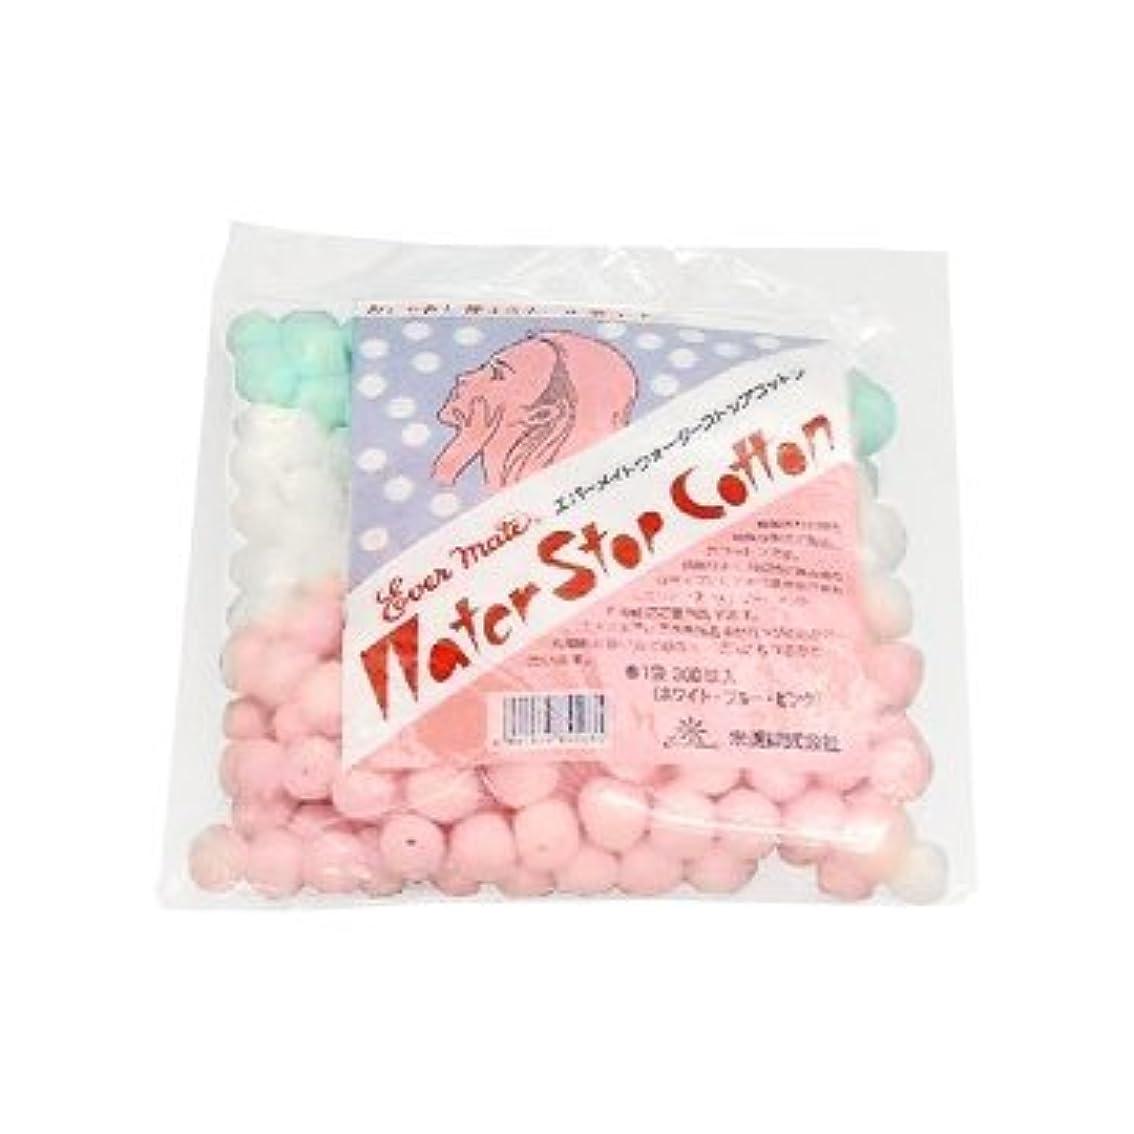 子供達代わりに魚米正 エバーメイト ウォーターストップコットン 300球入ホワイト・ブルー・ピンク色込み